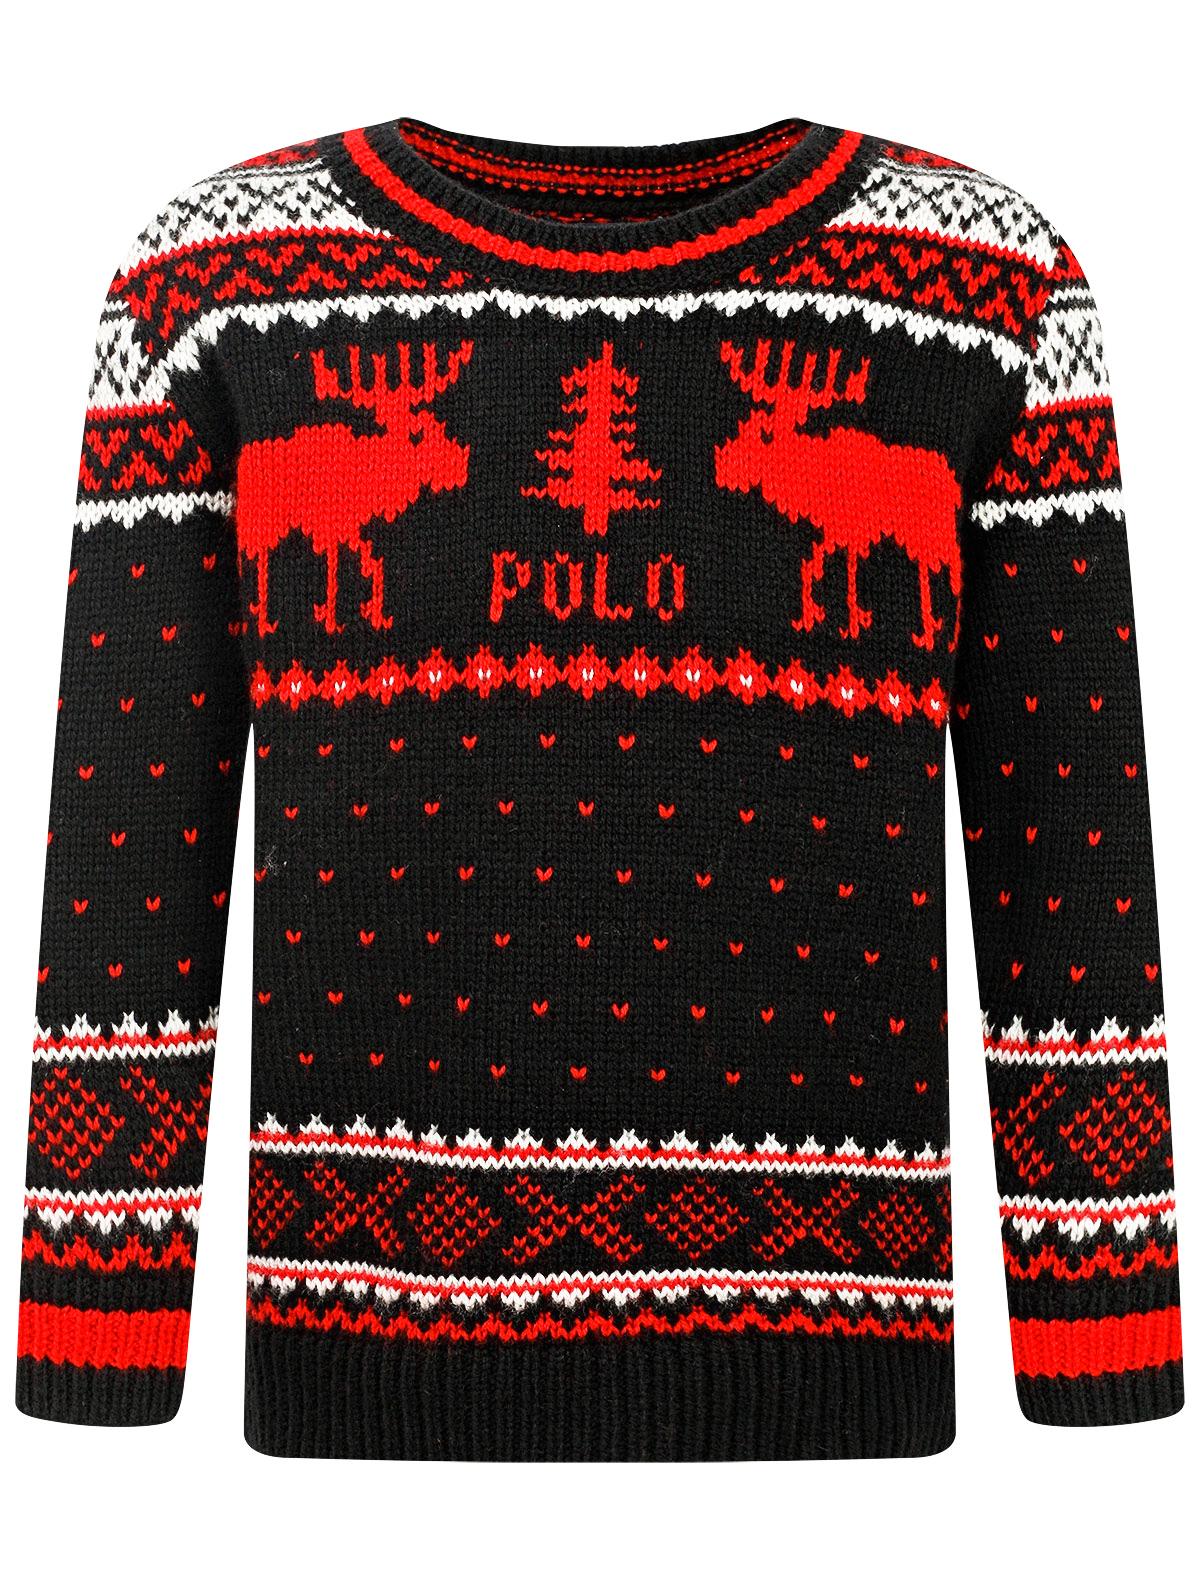 Купить Джемпер Polo Ralph Lauren для мальчиков 321765731001(322765731001) (BLACK MU) черный 98,